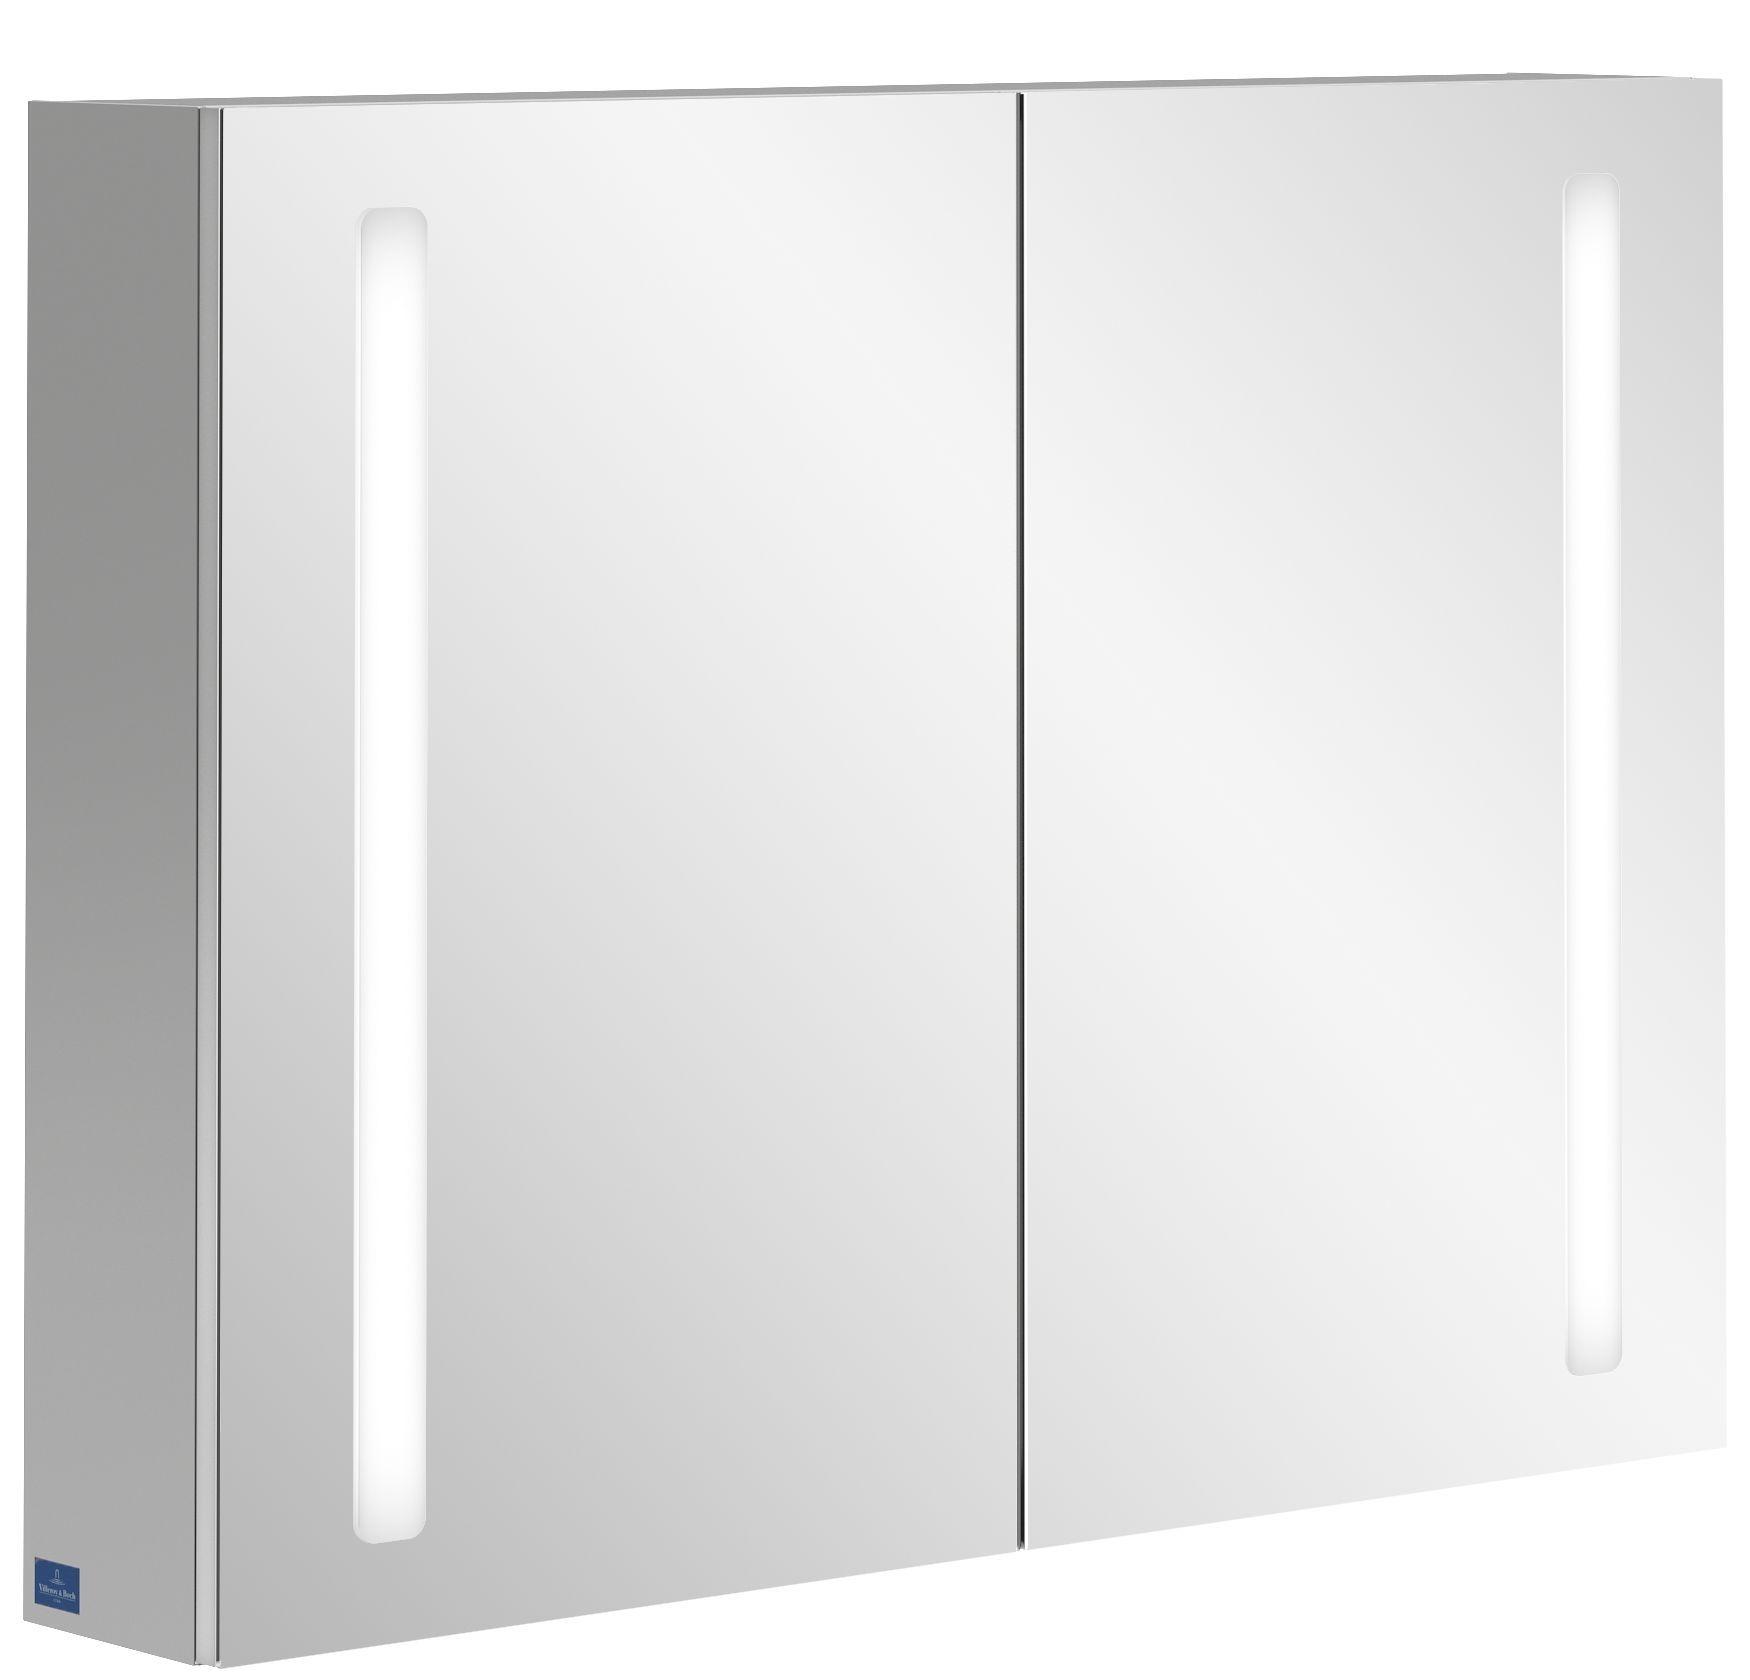 Villeroy & Boch My View 14+ Spiegelschrank mit integrierter LED Beleuchtung B:100xH:75xT:17,3cm A4331000